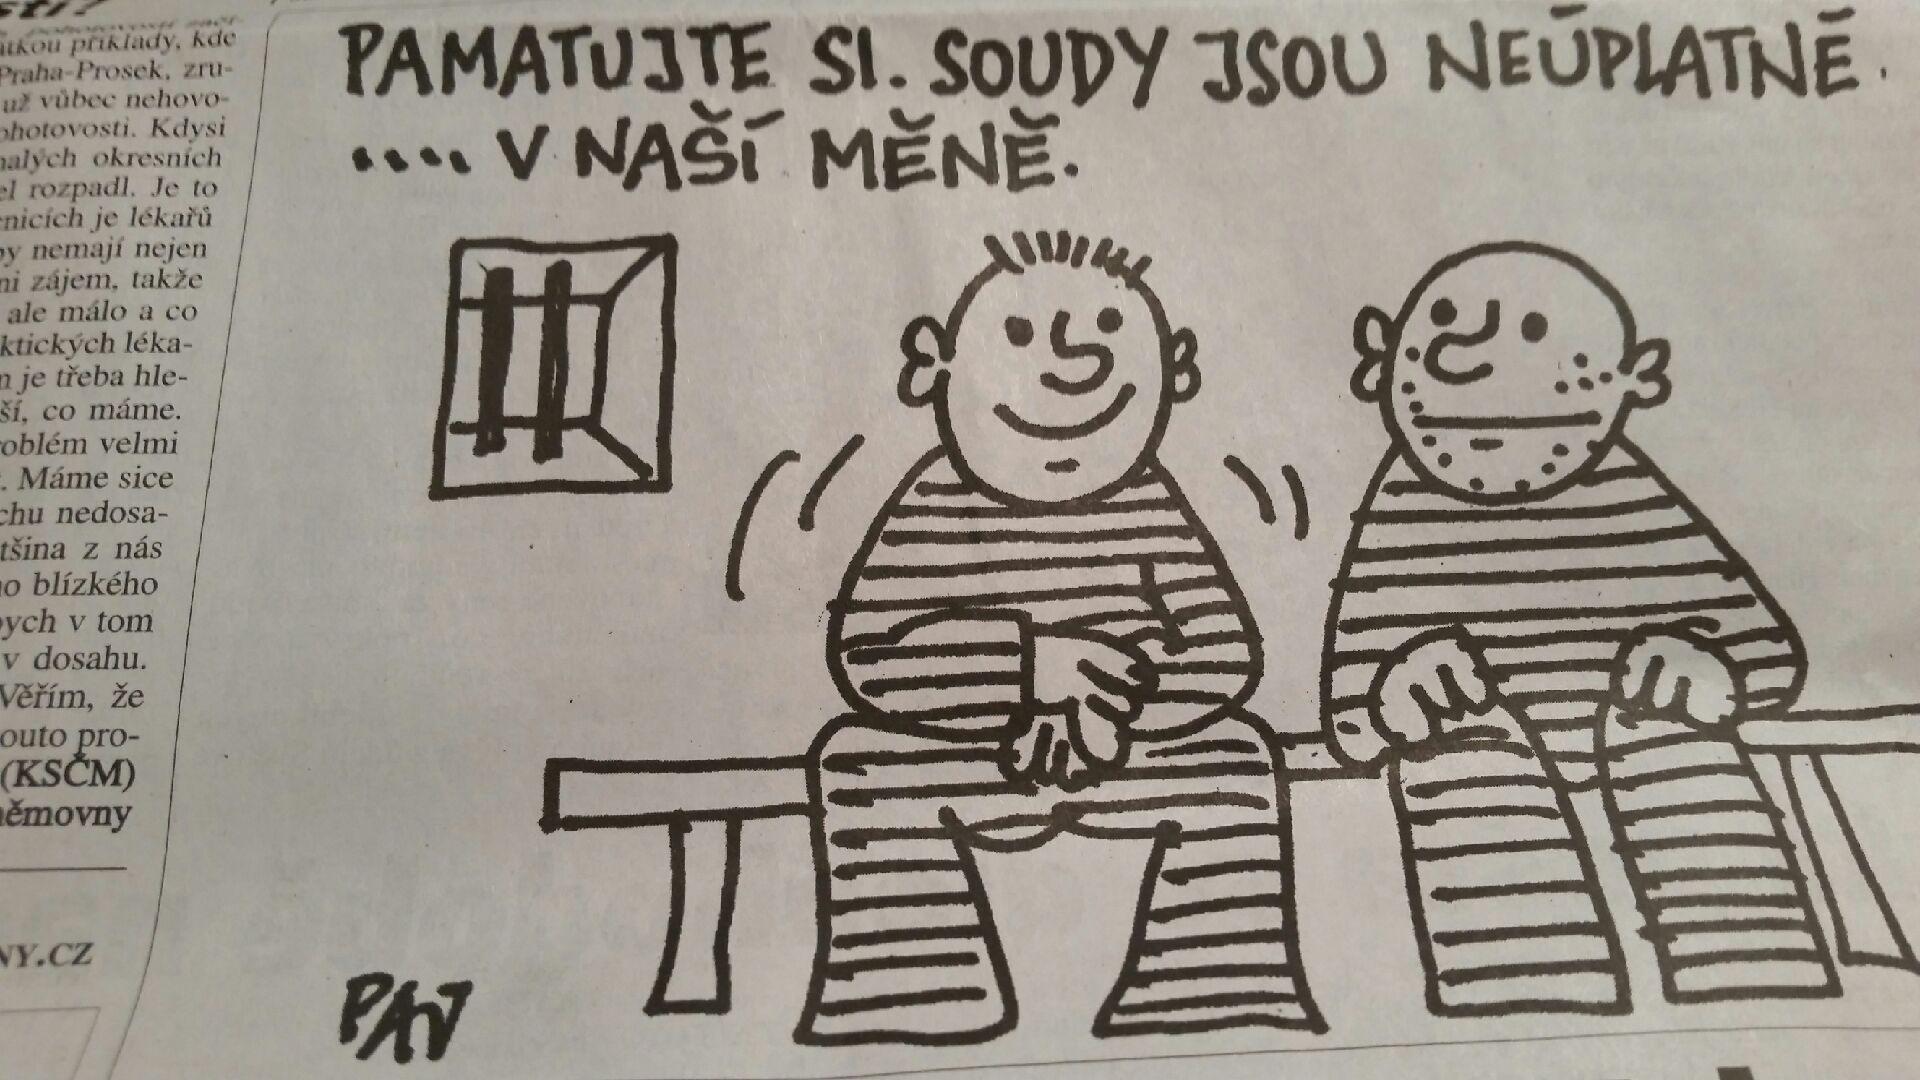 Současná situace v našem soudnictví je vděčné téma i pro celou řadu výtvarníků.Další komentář k obrázku není třeba